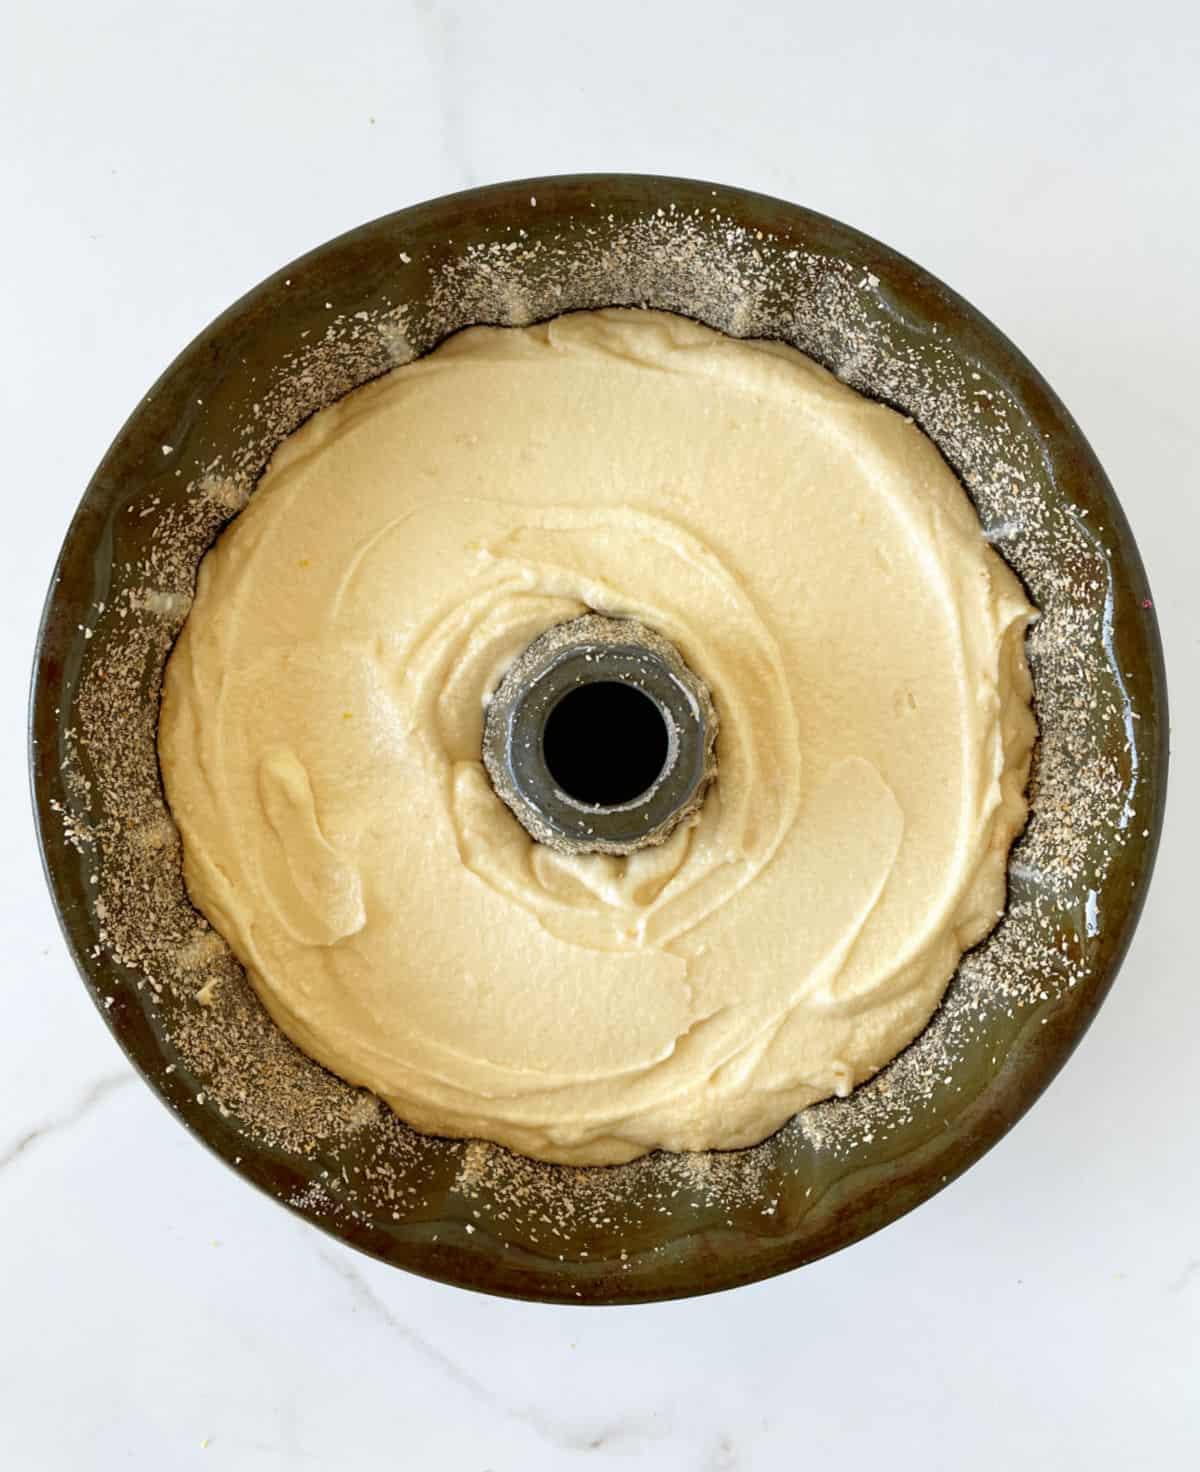 Bundt cake batter in dark metal pan on a white surface